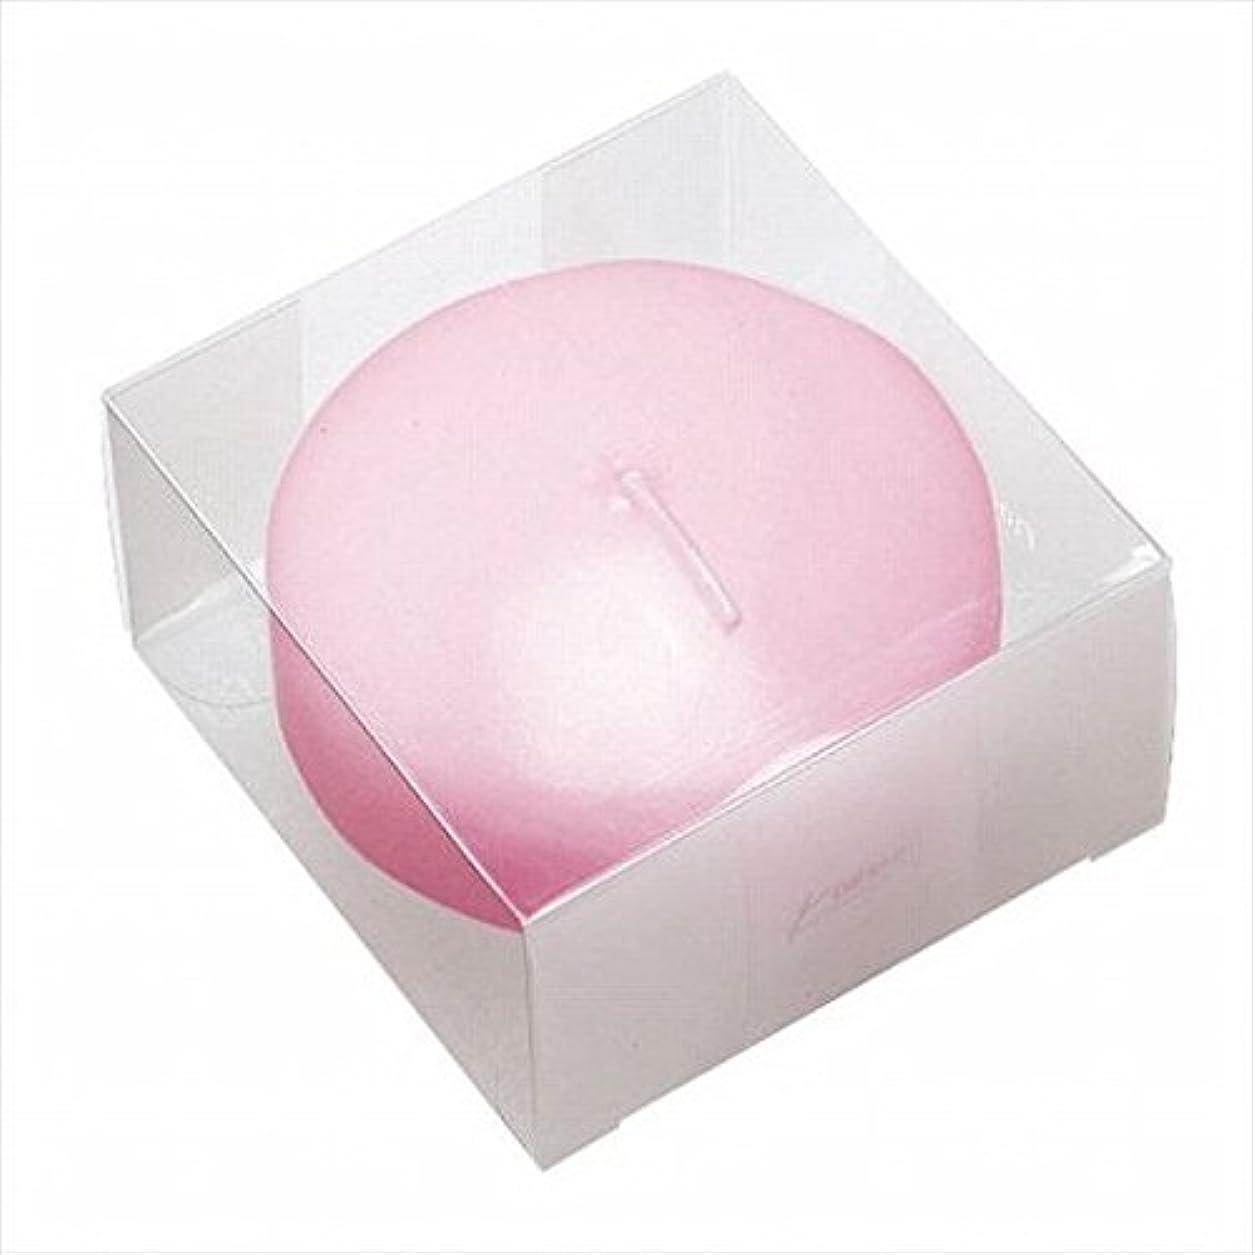 ファン意欲有罪kameyama candle(カメヤマキャンドル) プール80(箱入り) 「 ピンク 」 キャンドル 80x80x45mm (A7069060)